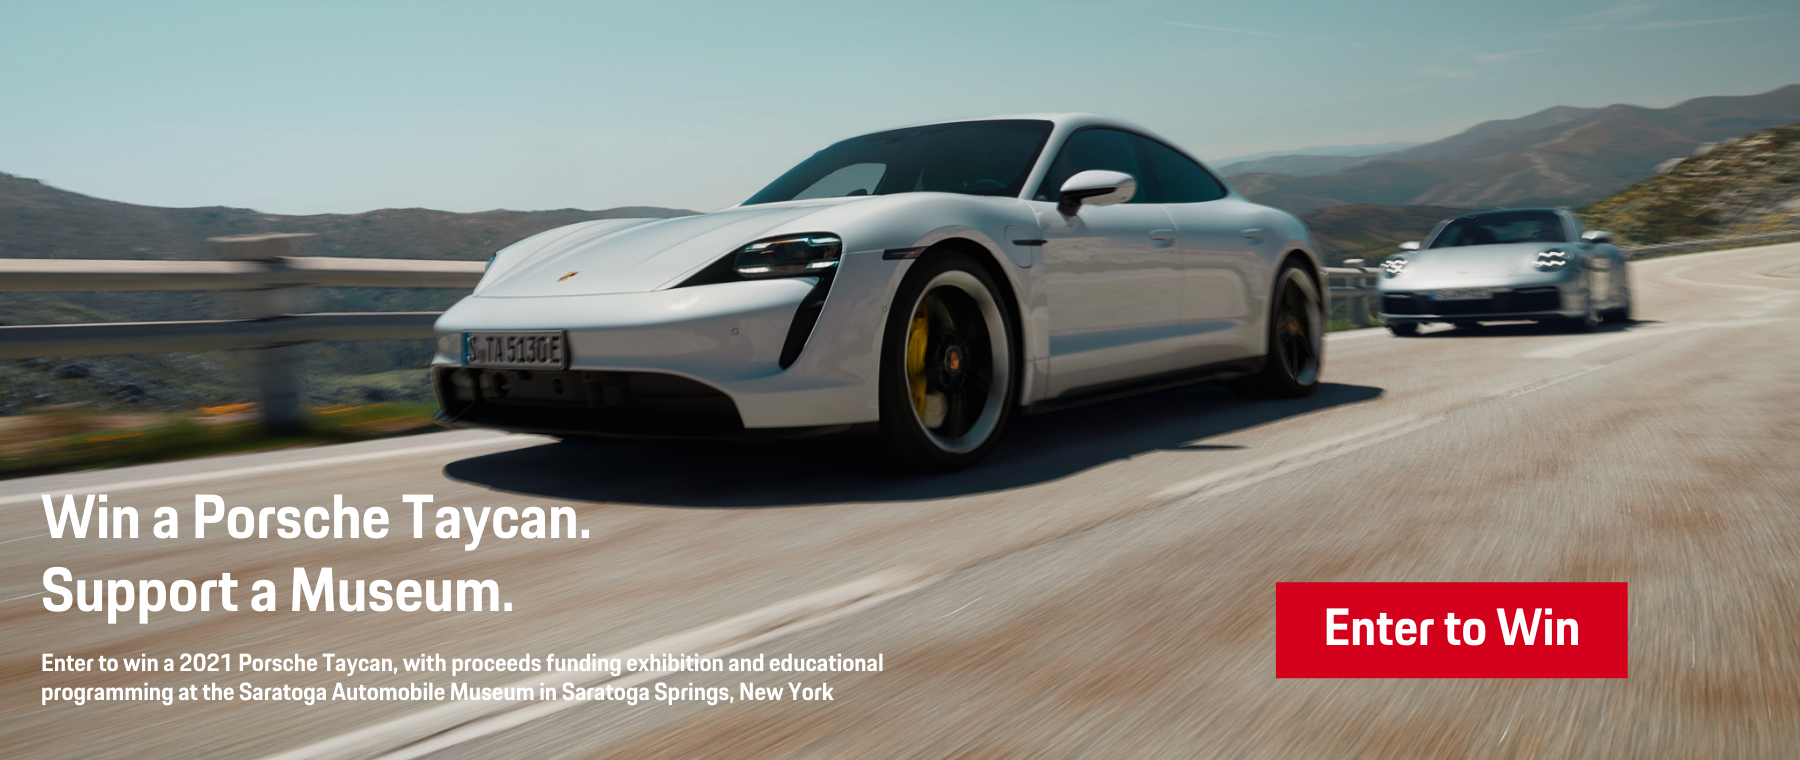 Win a Porsche Taycan. Support a Museum. (1)